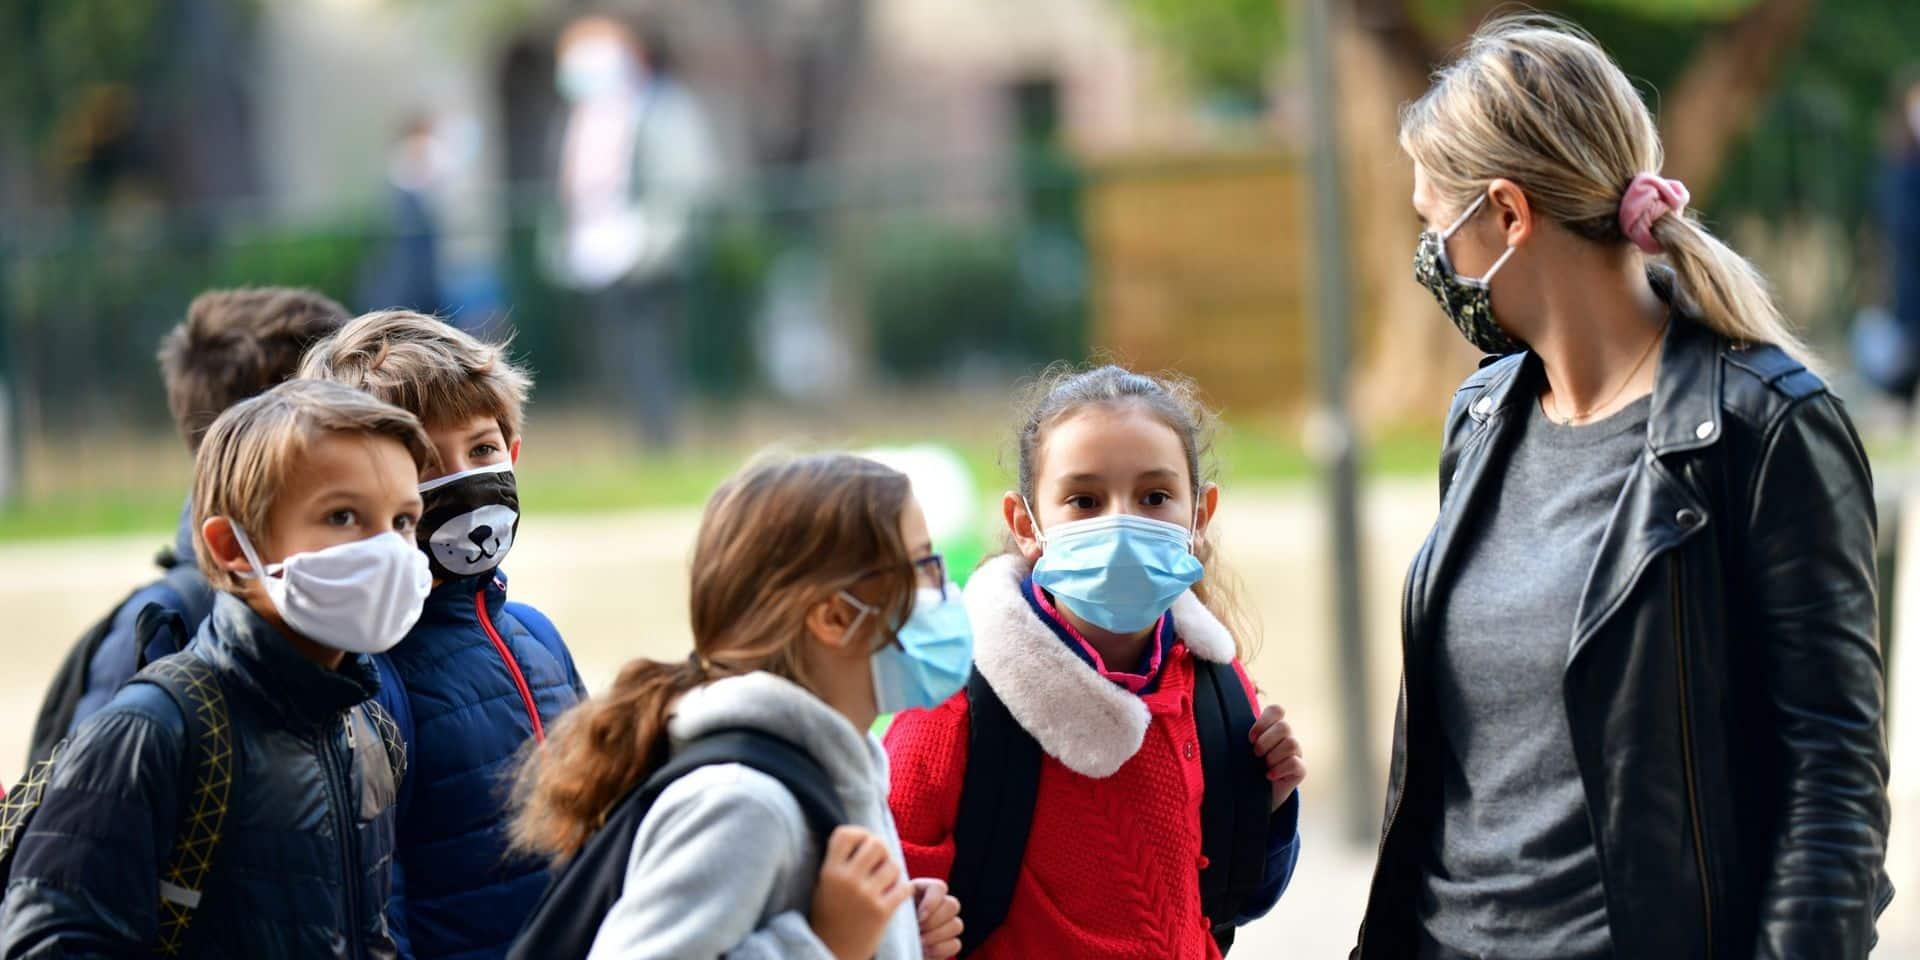 Selon une étude, les jeunes enfants produisent plus d'anticorps face au Covid-19